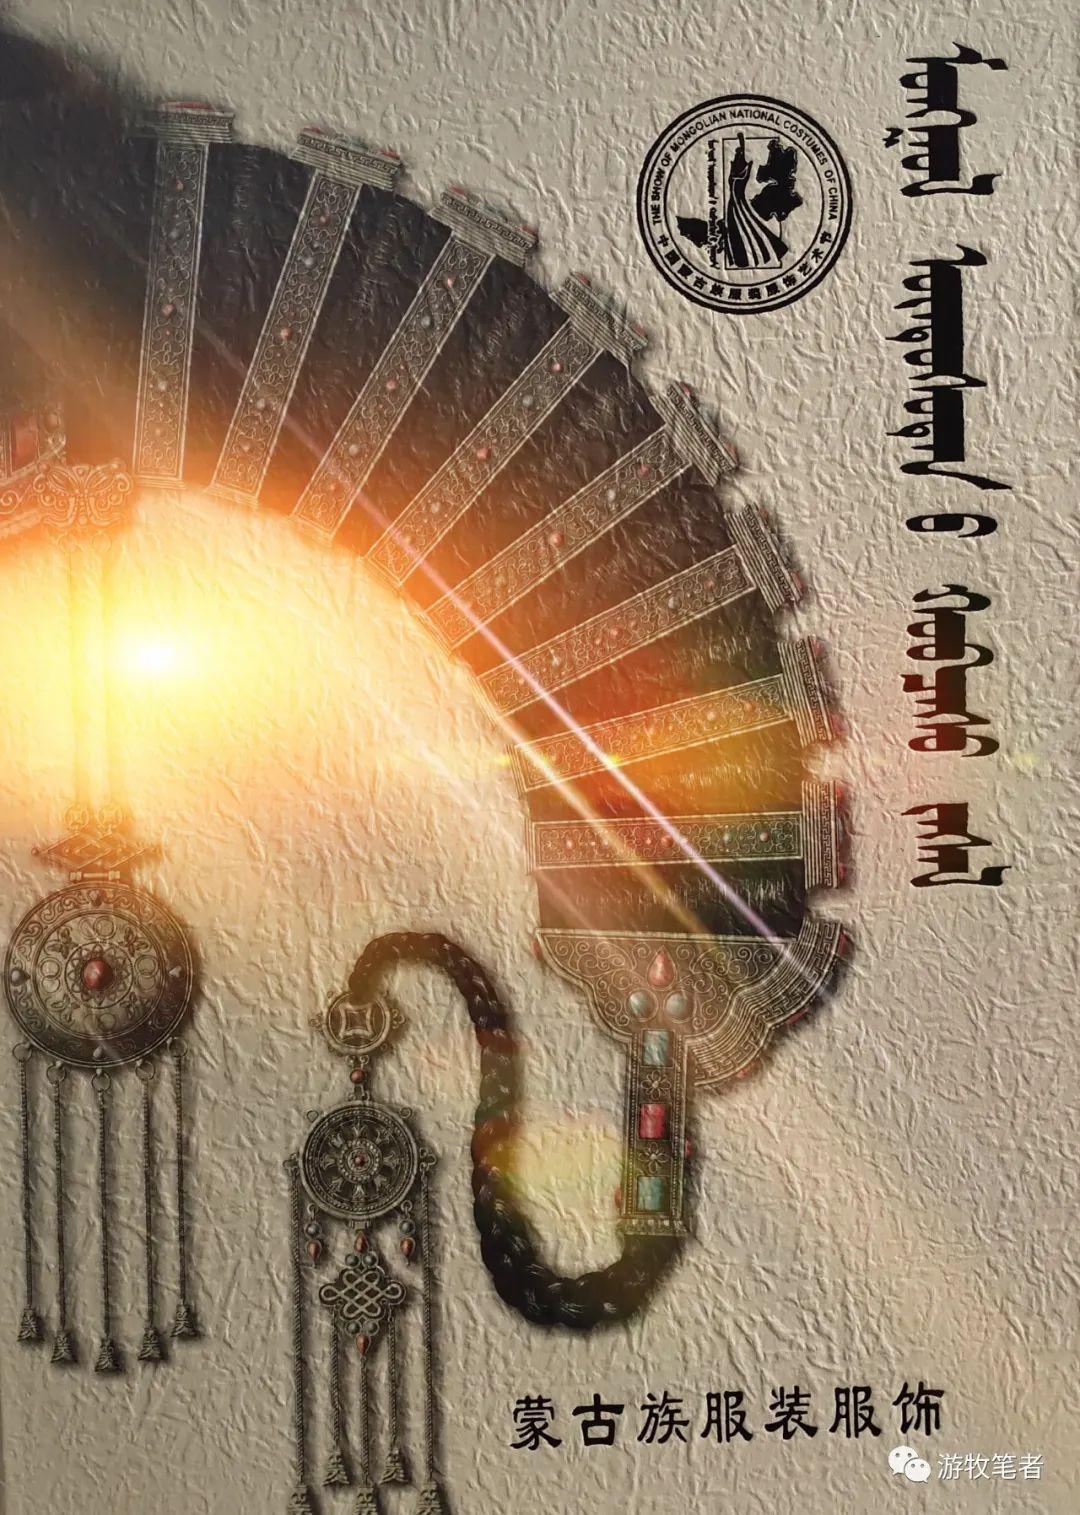 【新书推荐】珍藏级别图册-《蒙古族服装服饰》